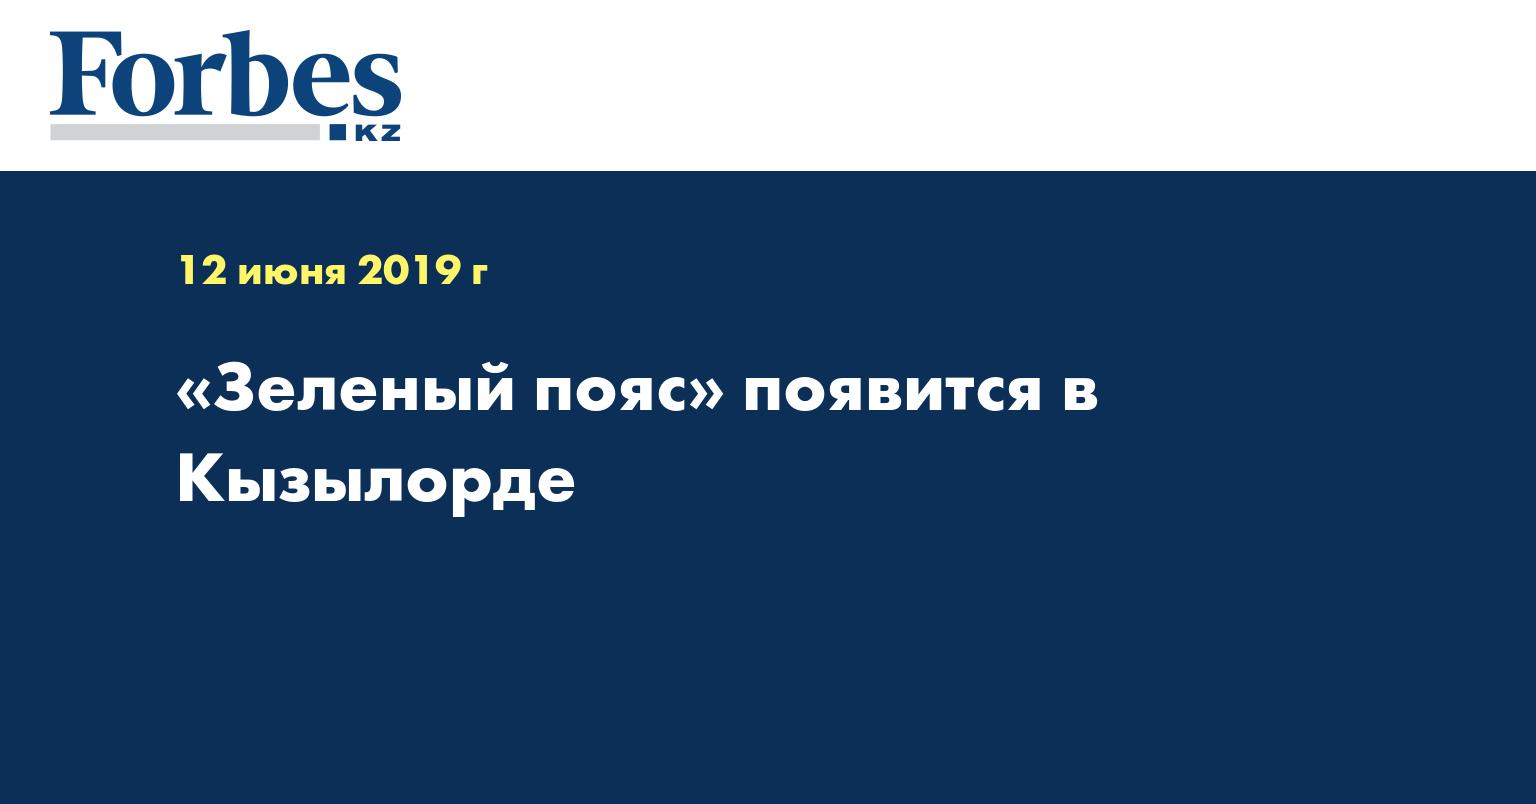 «Зеленый пояс» появится в Кызылорде